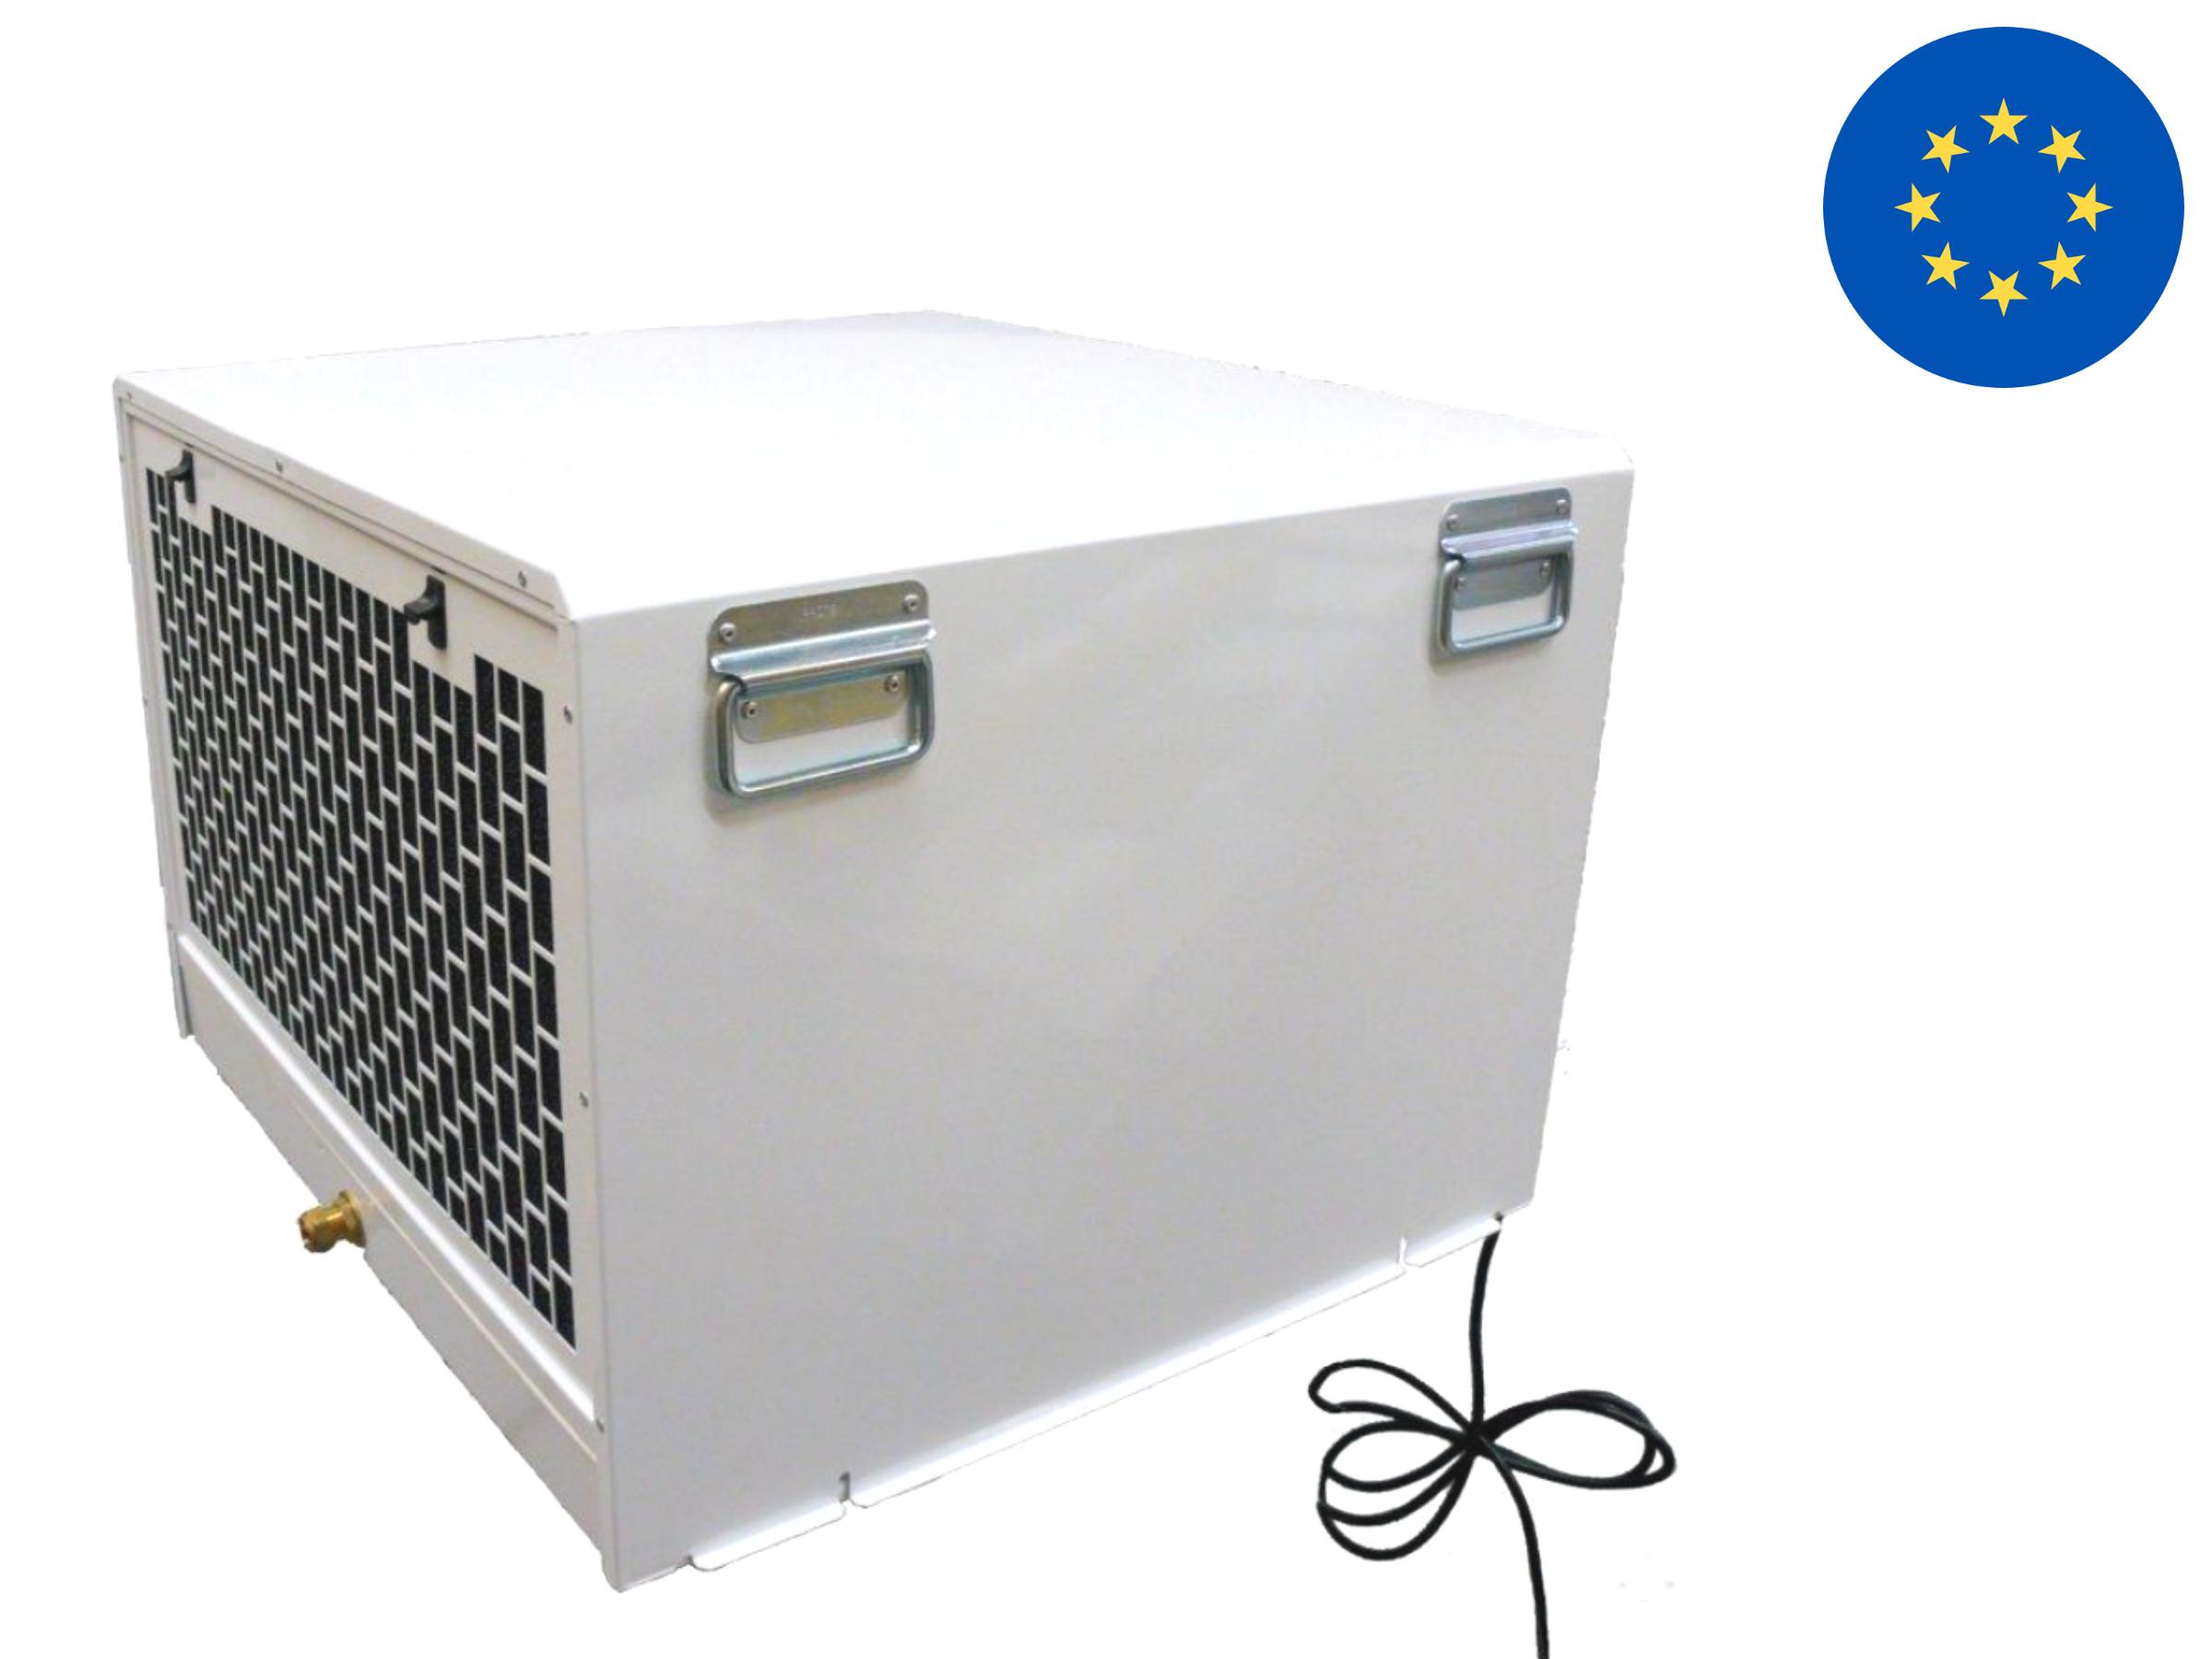 Dsr 20 190 Litre Compressor Dehumidifier